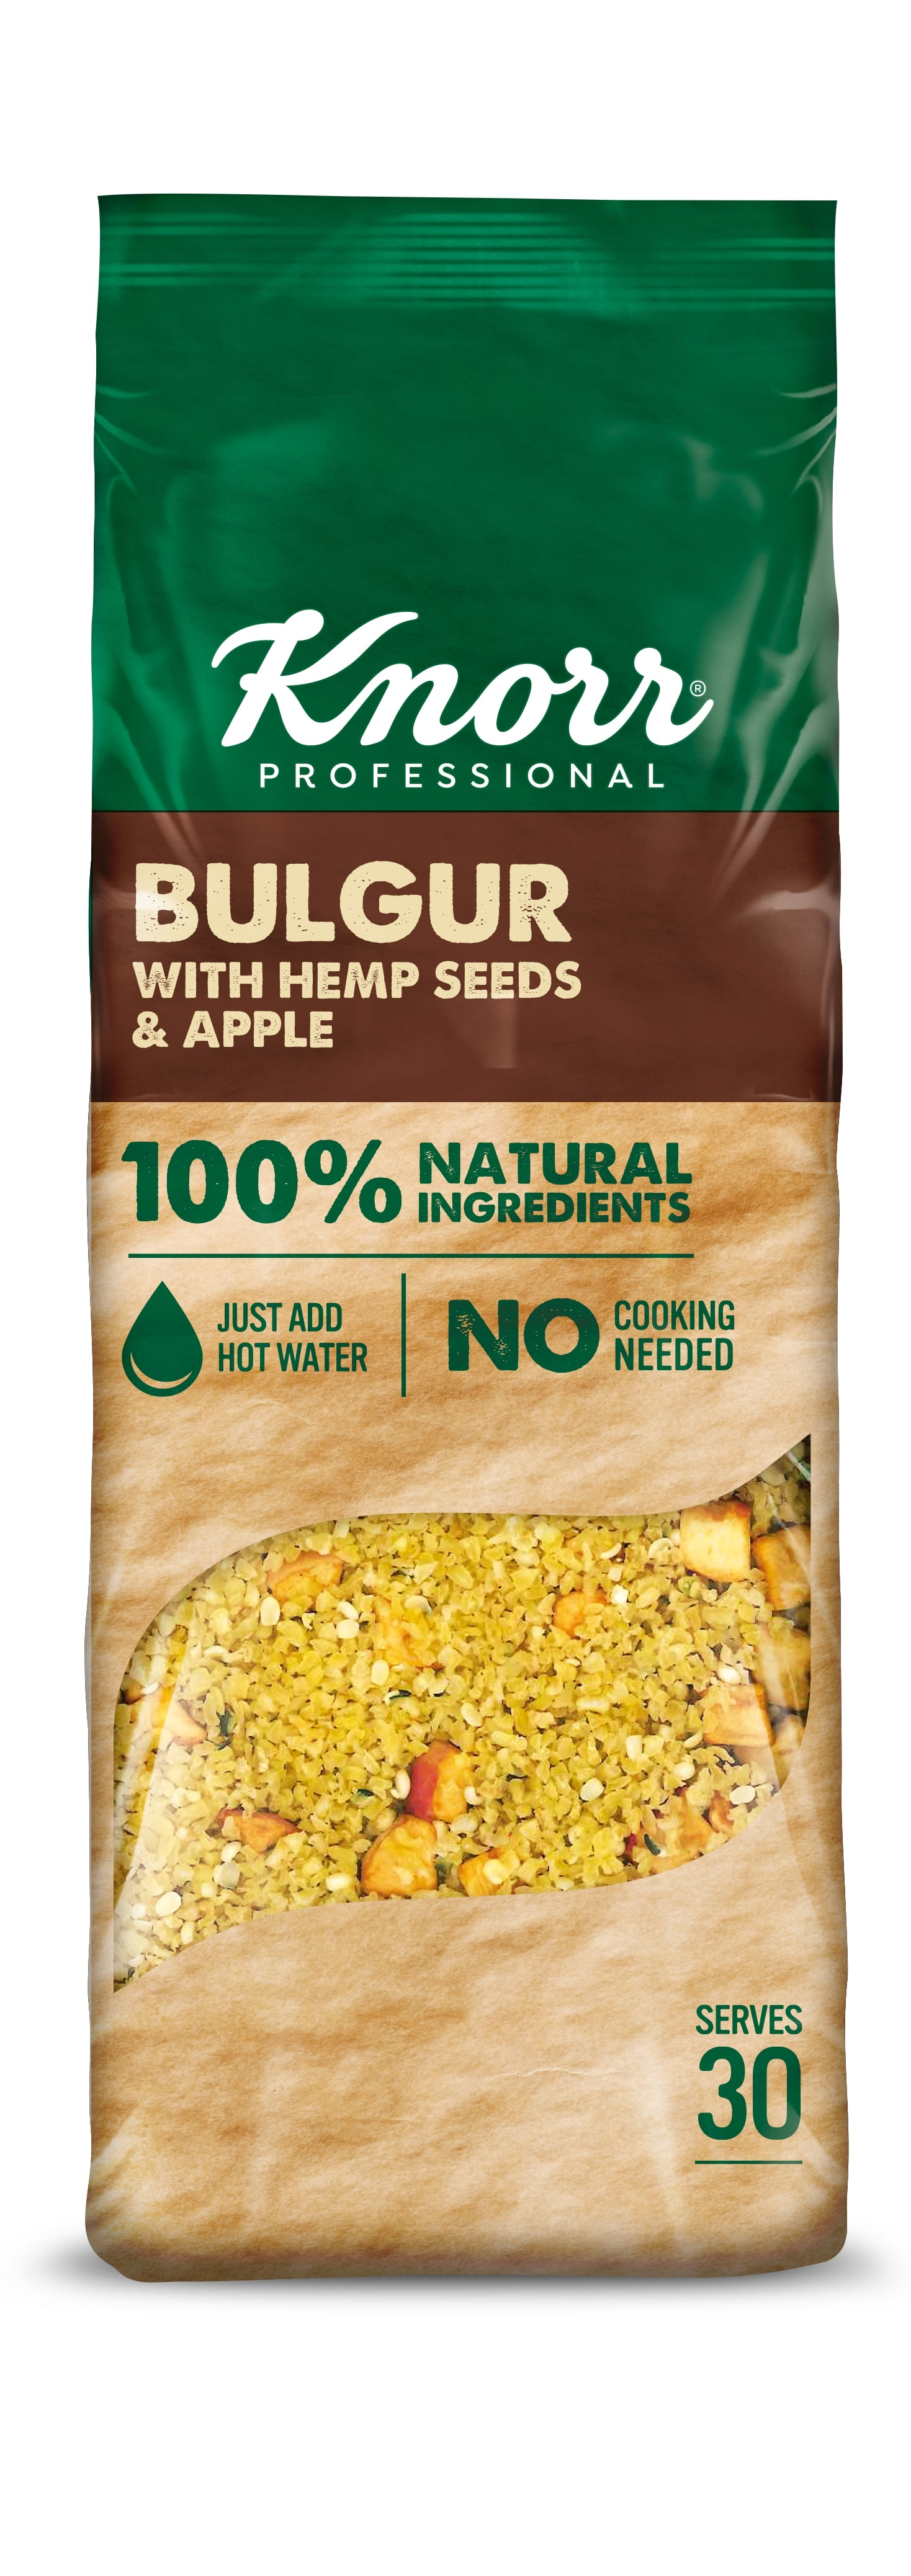 Knorr Professional Булгур с семенами конопли и яблоками (650 г) - Подходит для вегетарианцев и веганов